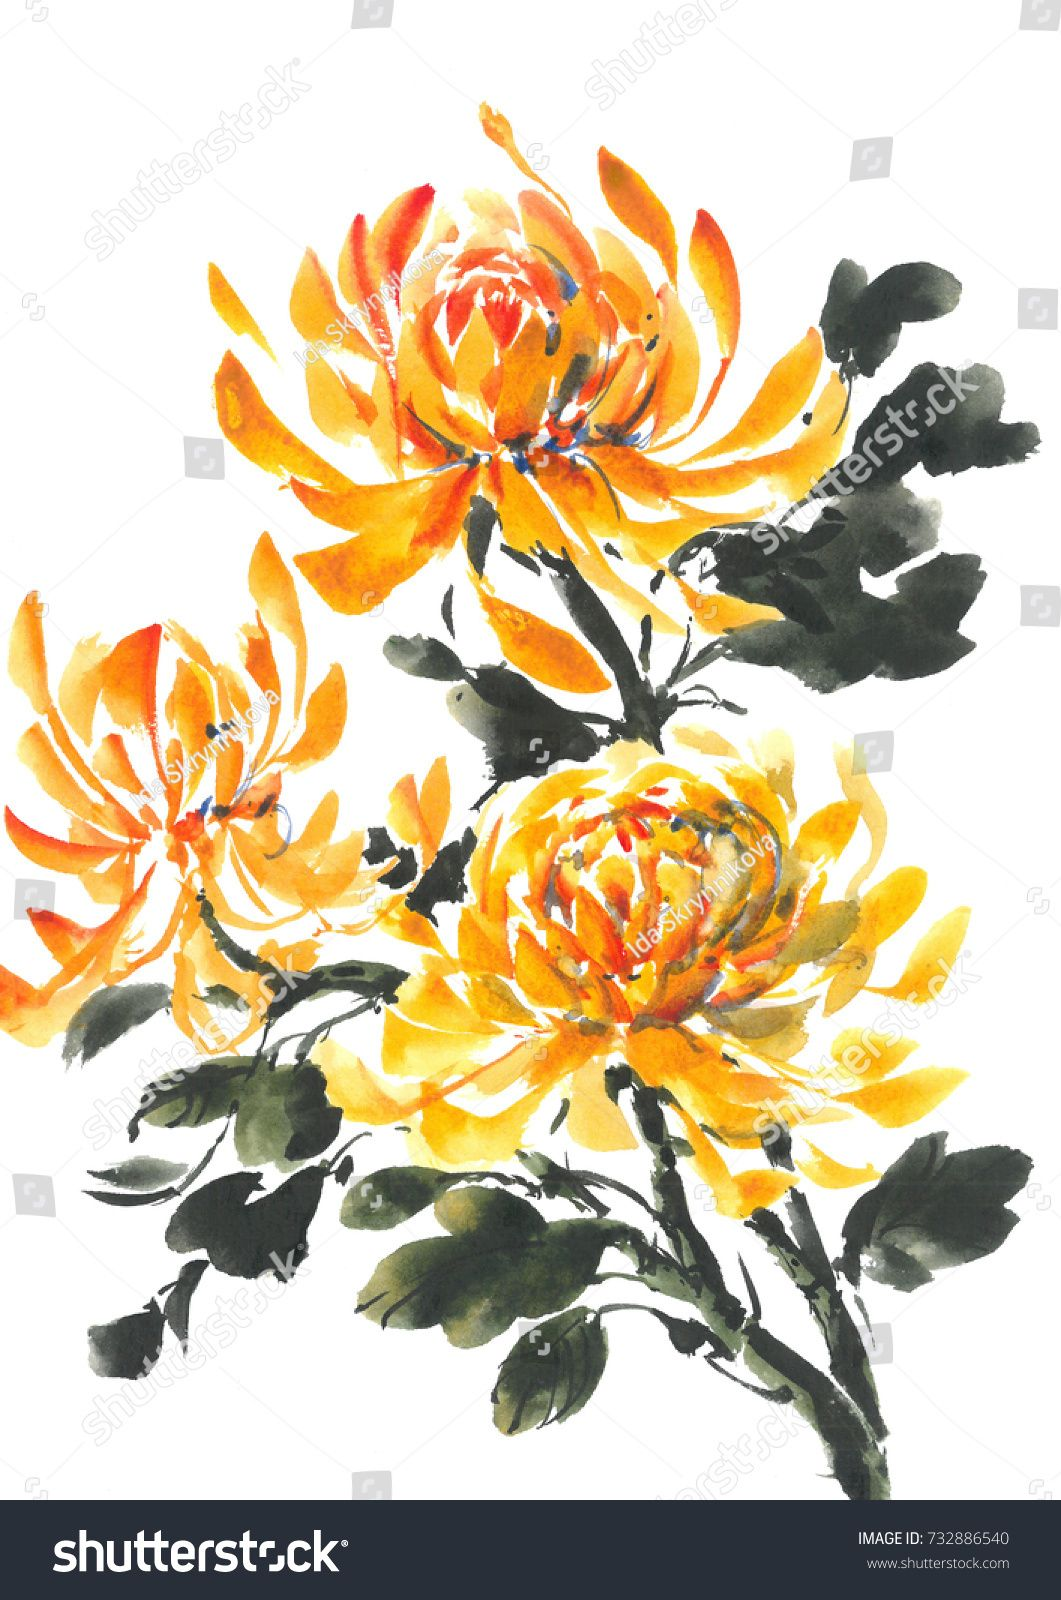 Yellow Chrysanthemum Bright Flowering Chrysanthemum Watercolor Background Chrysanthemum Watercolor Chrysanthemum Painting Yellow Flowers Painting